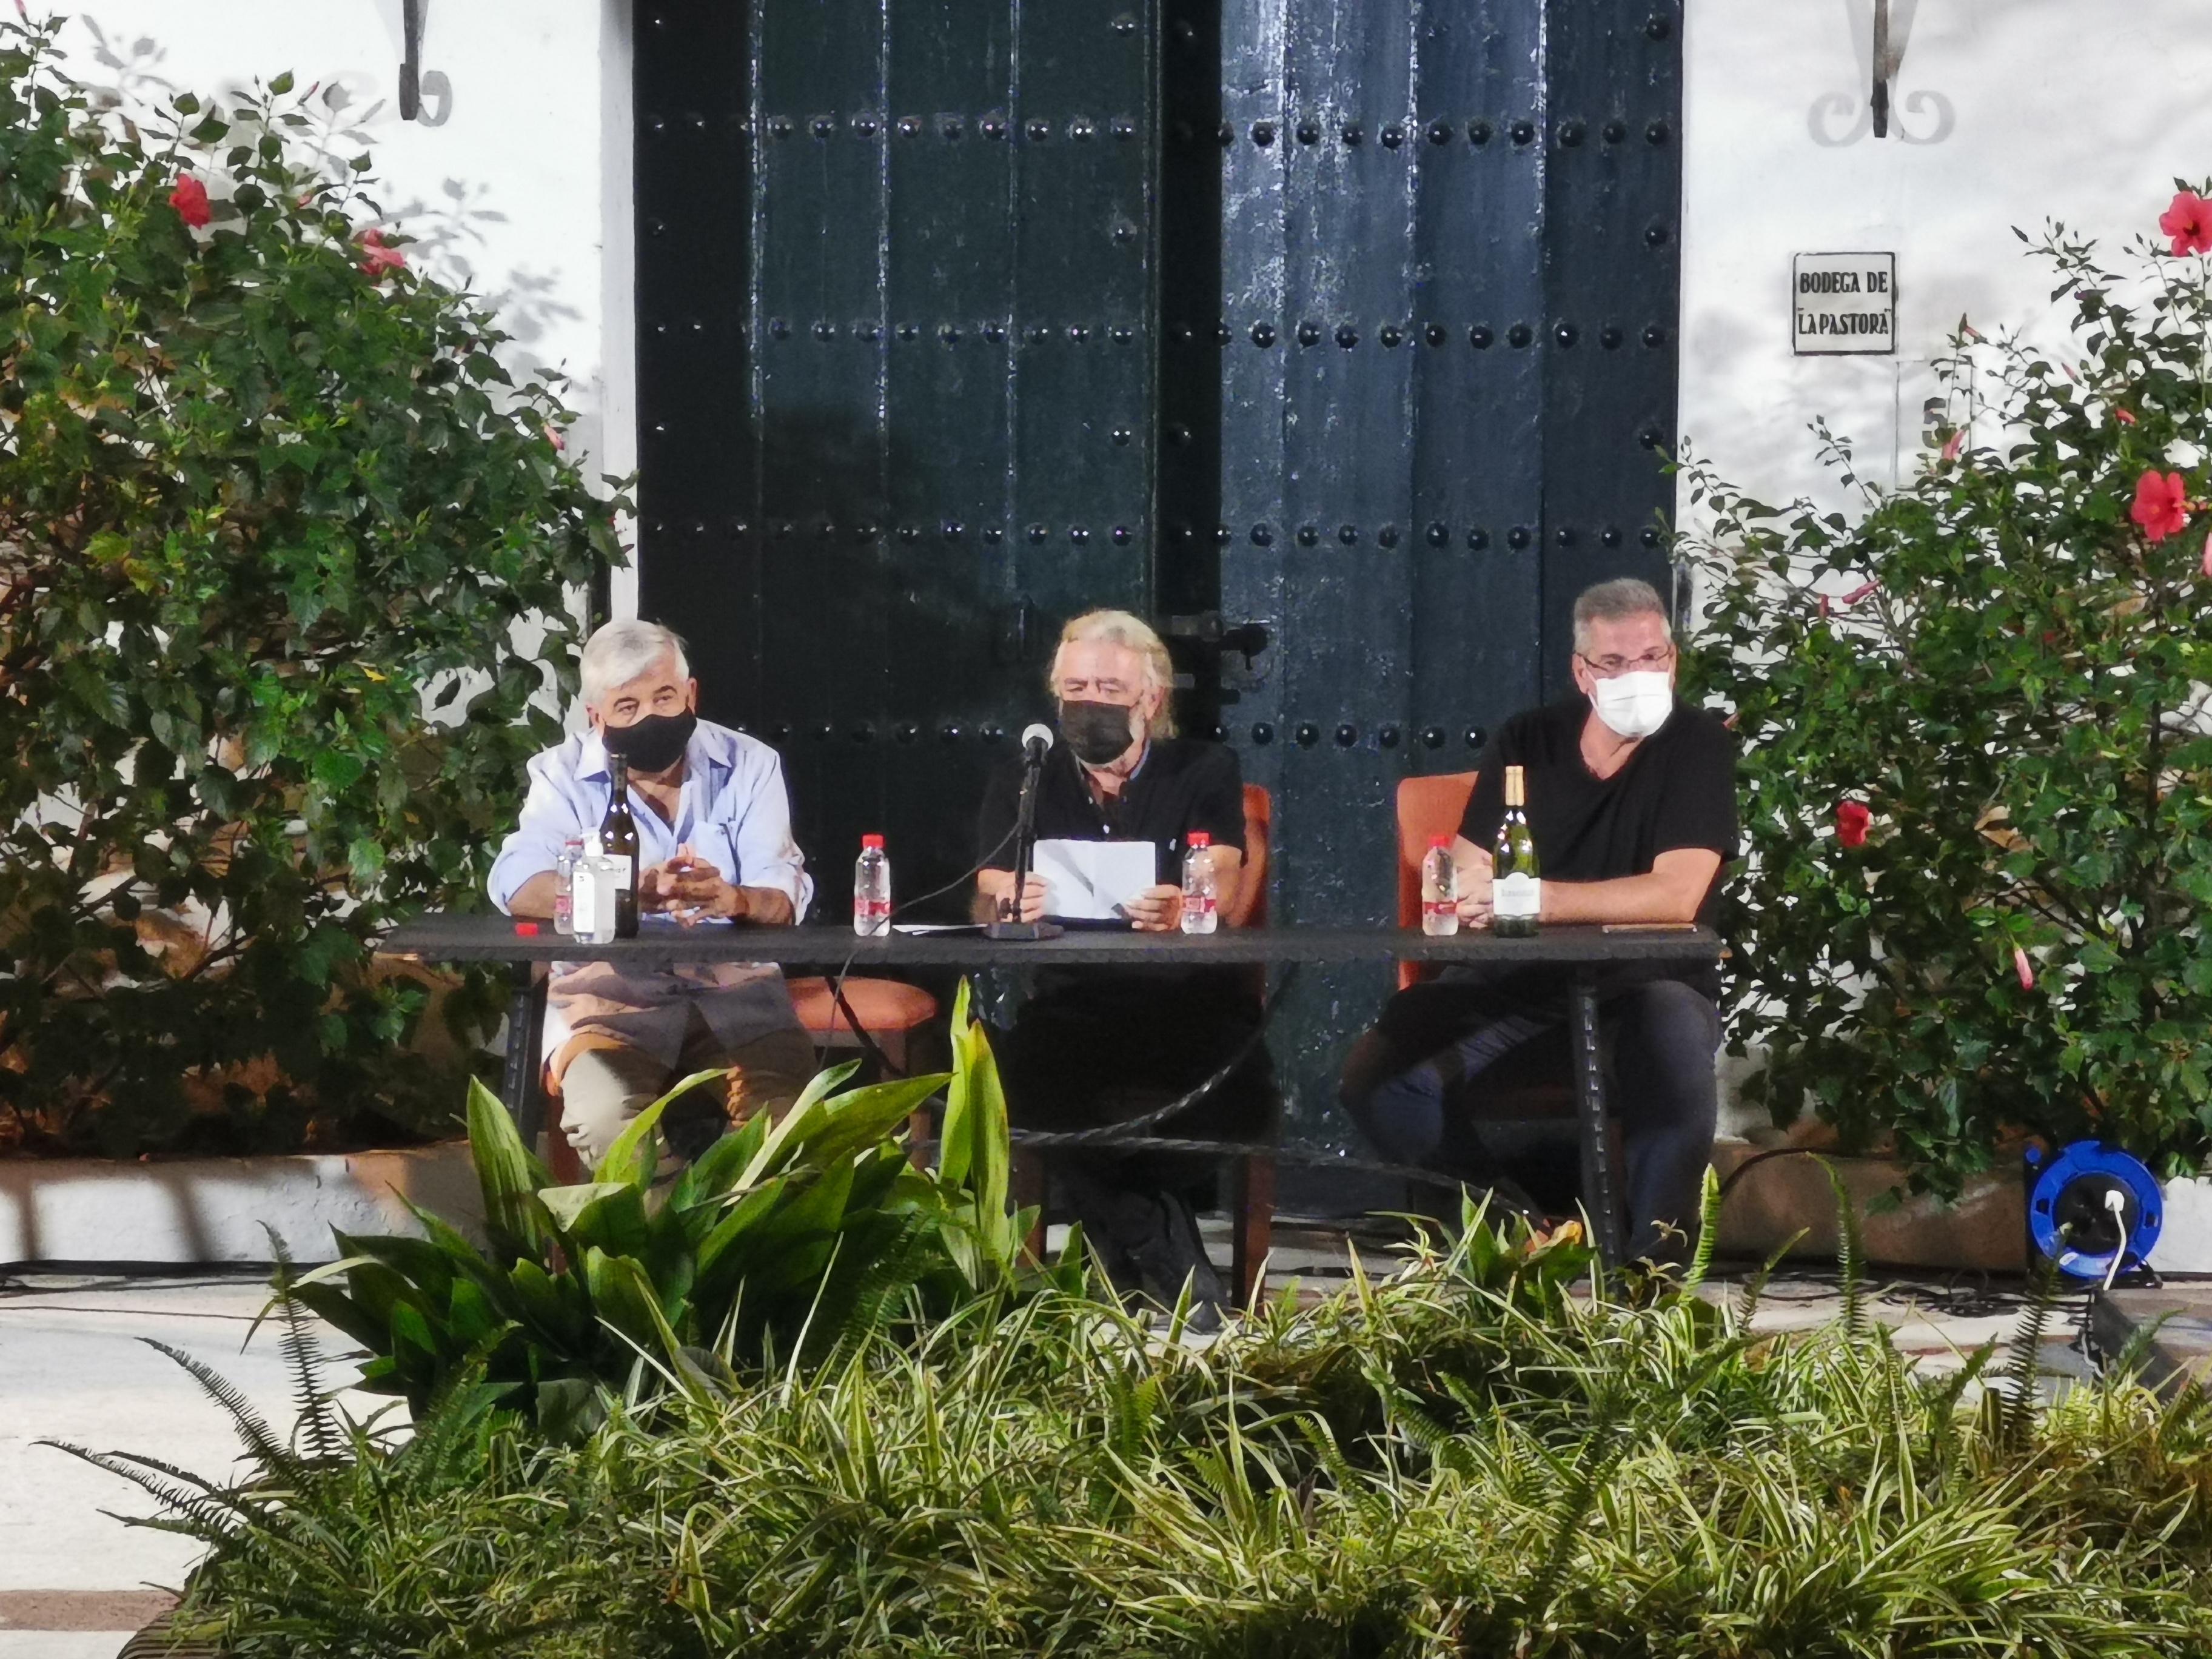 Barbadillo clausura la Muestra de arte contemporáneo CIRCUMNAVIGATIO con gran éxito de asistencia y crítica